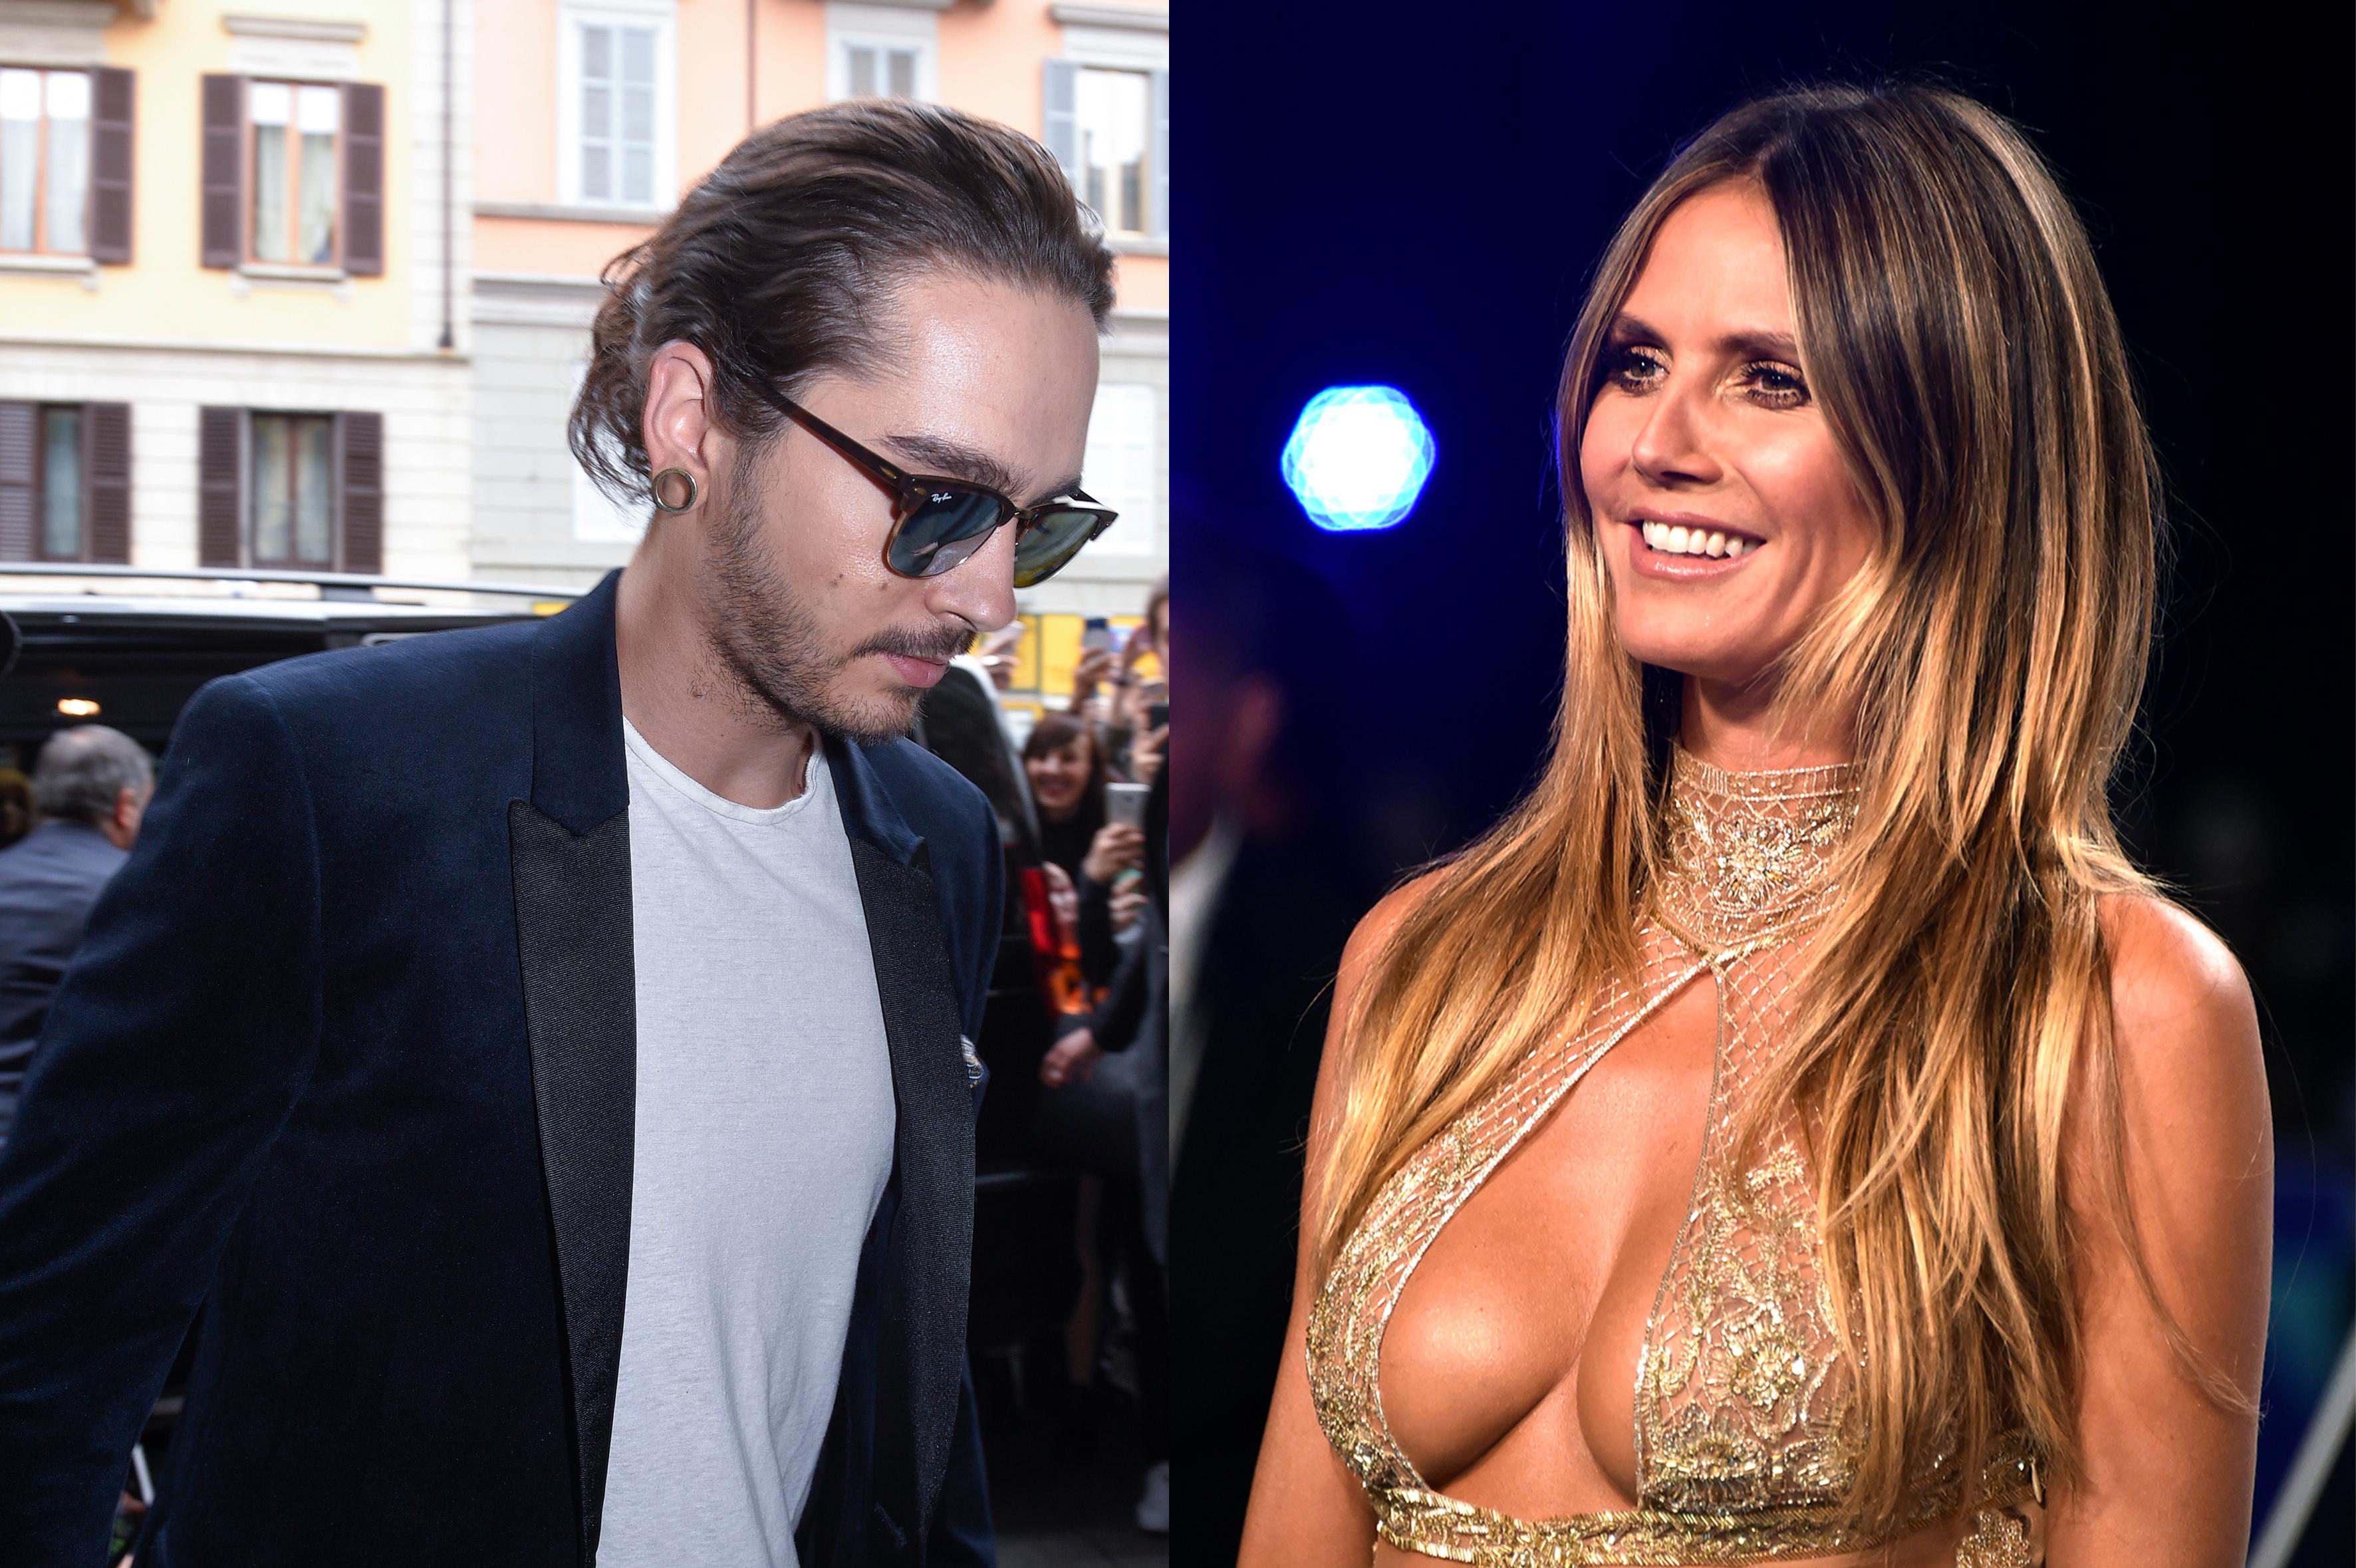 """Hier lesen: """"Mein Gott, wie primitiv"""" – Haben Heidi Klum und Tom Kaulitz hier Sex?"""